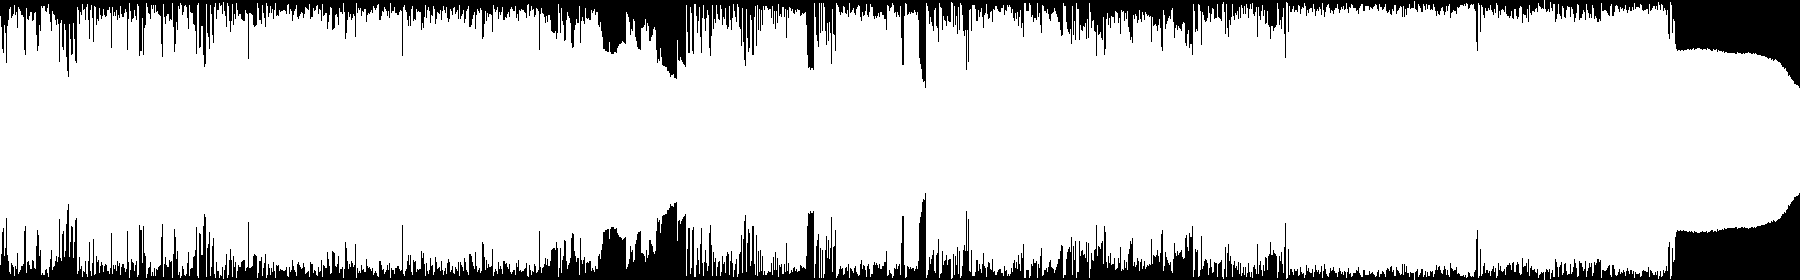 VOKEL audio waveform